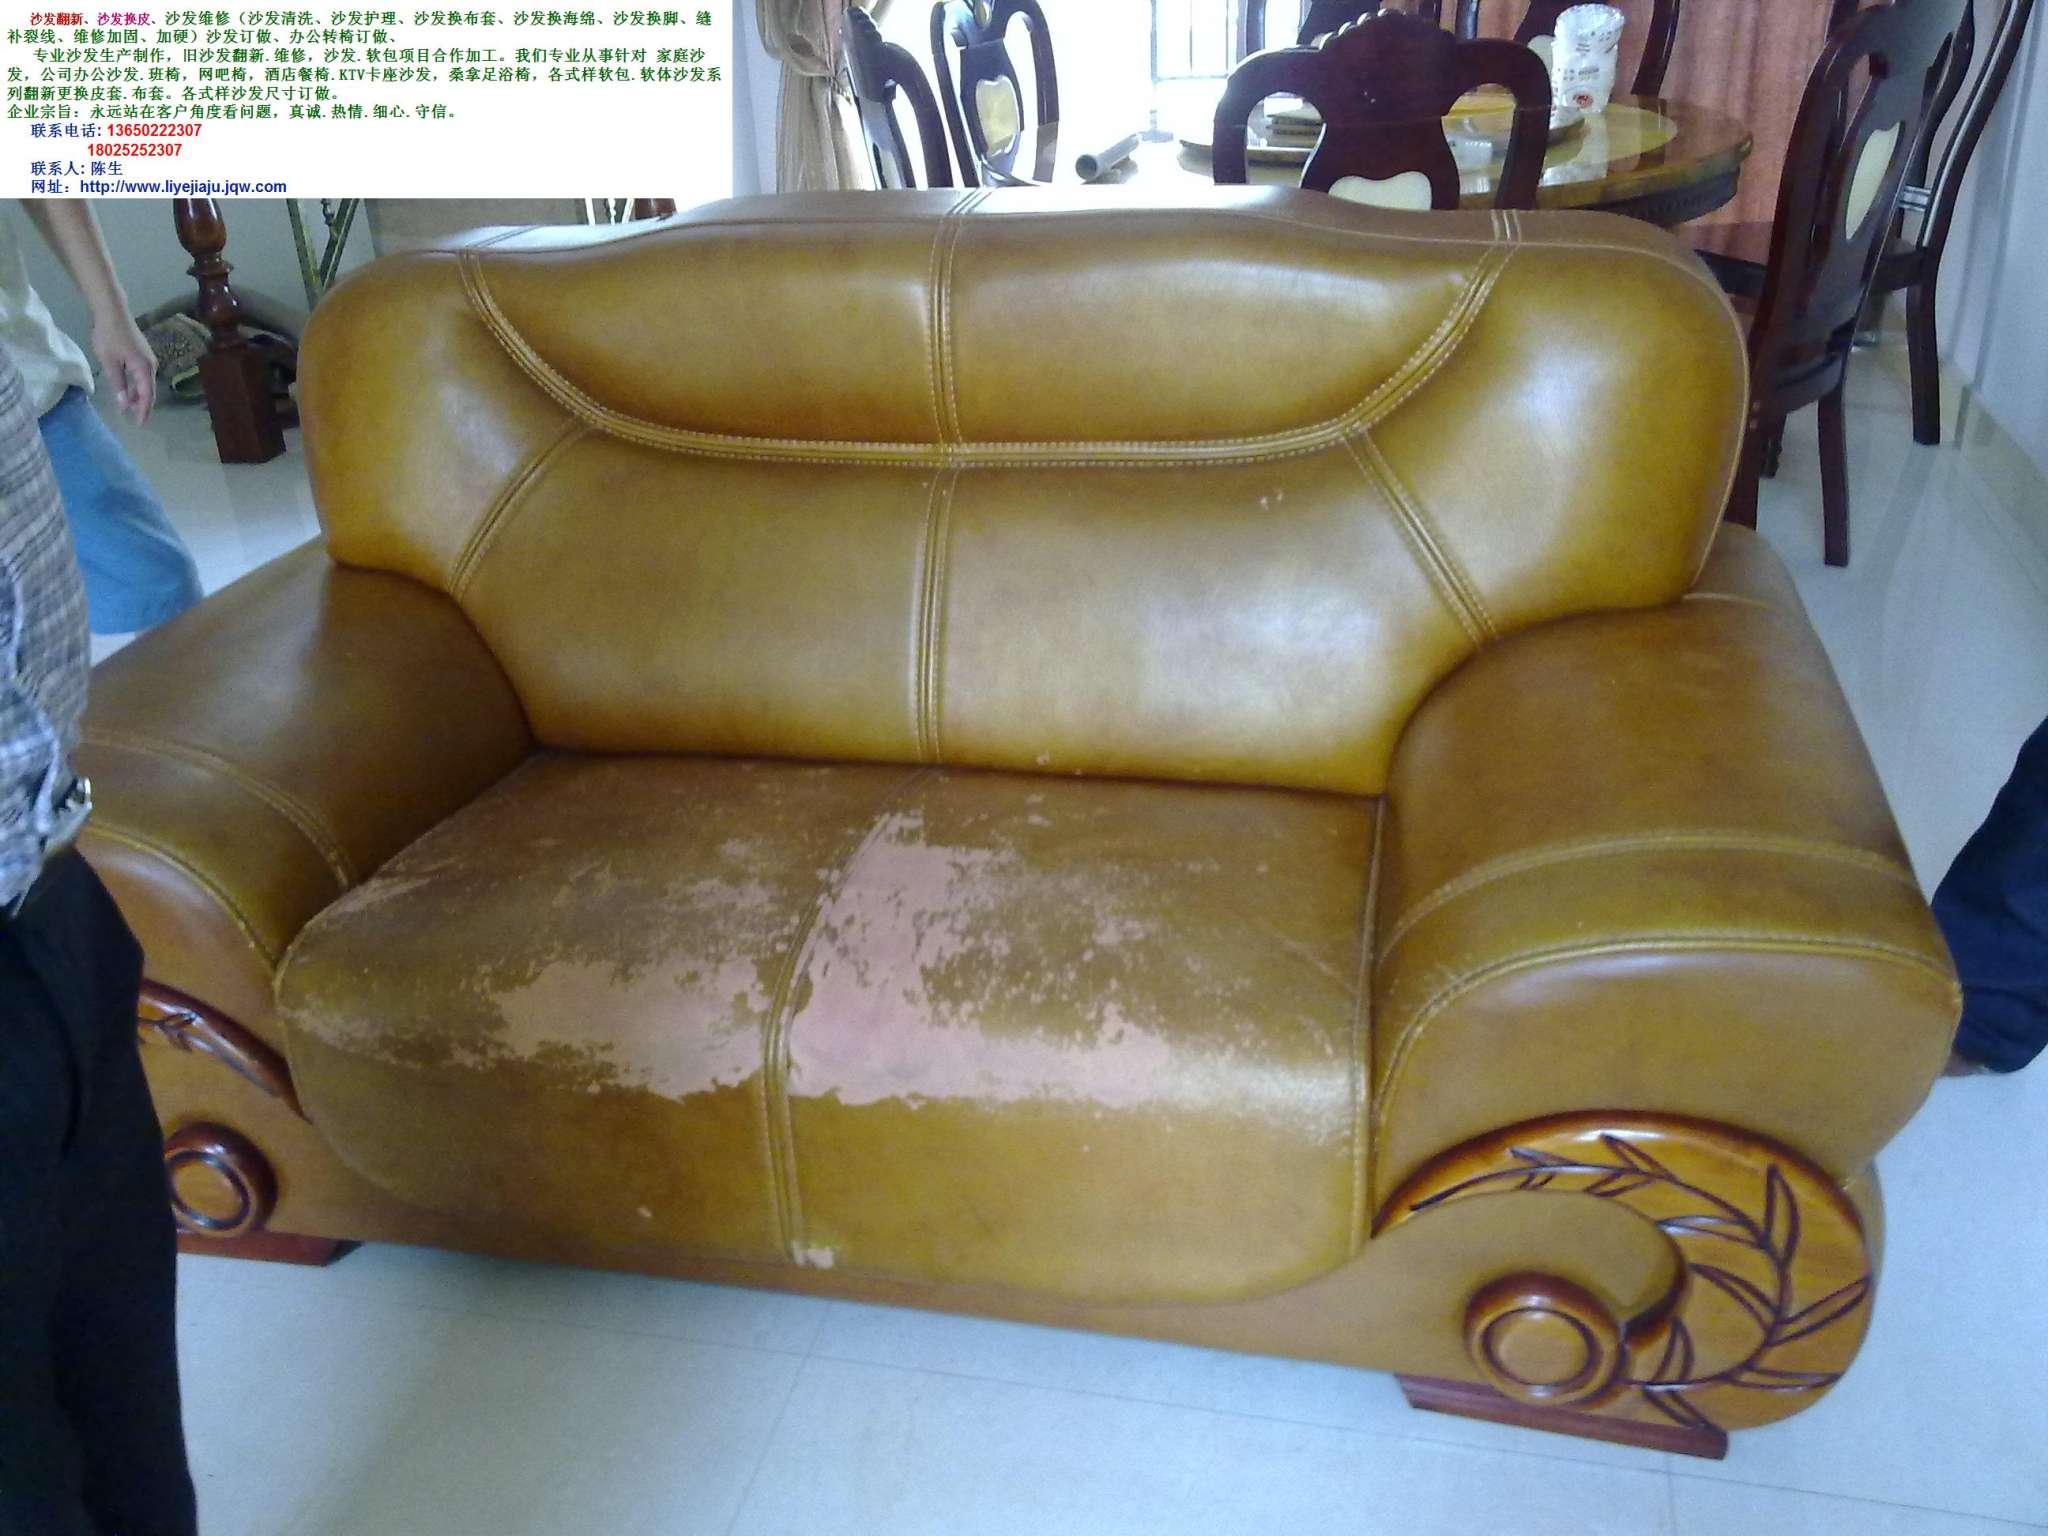 长安沙发翻新立业家具联系电话:13650222307:18025252307 订做沙发、翻新旧沙发一条龙服务供应。时长由你安排,价格、你的沙发你说了算。详情请登录立业家具http://www.liyejiaju.com